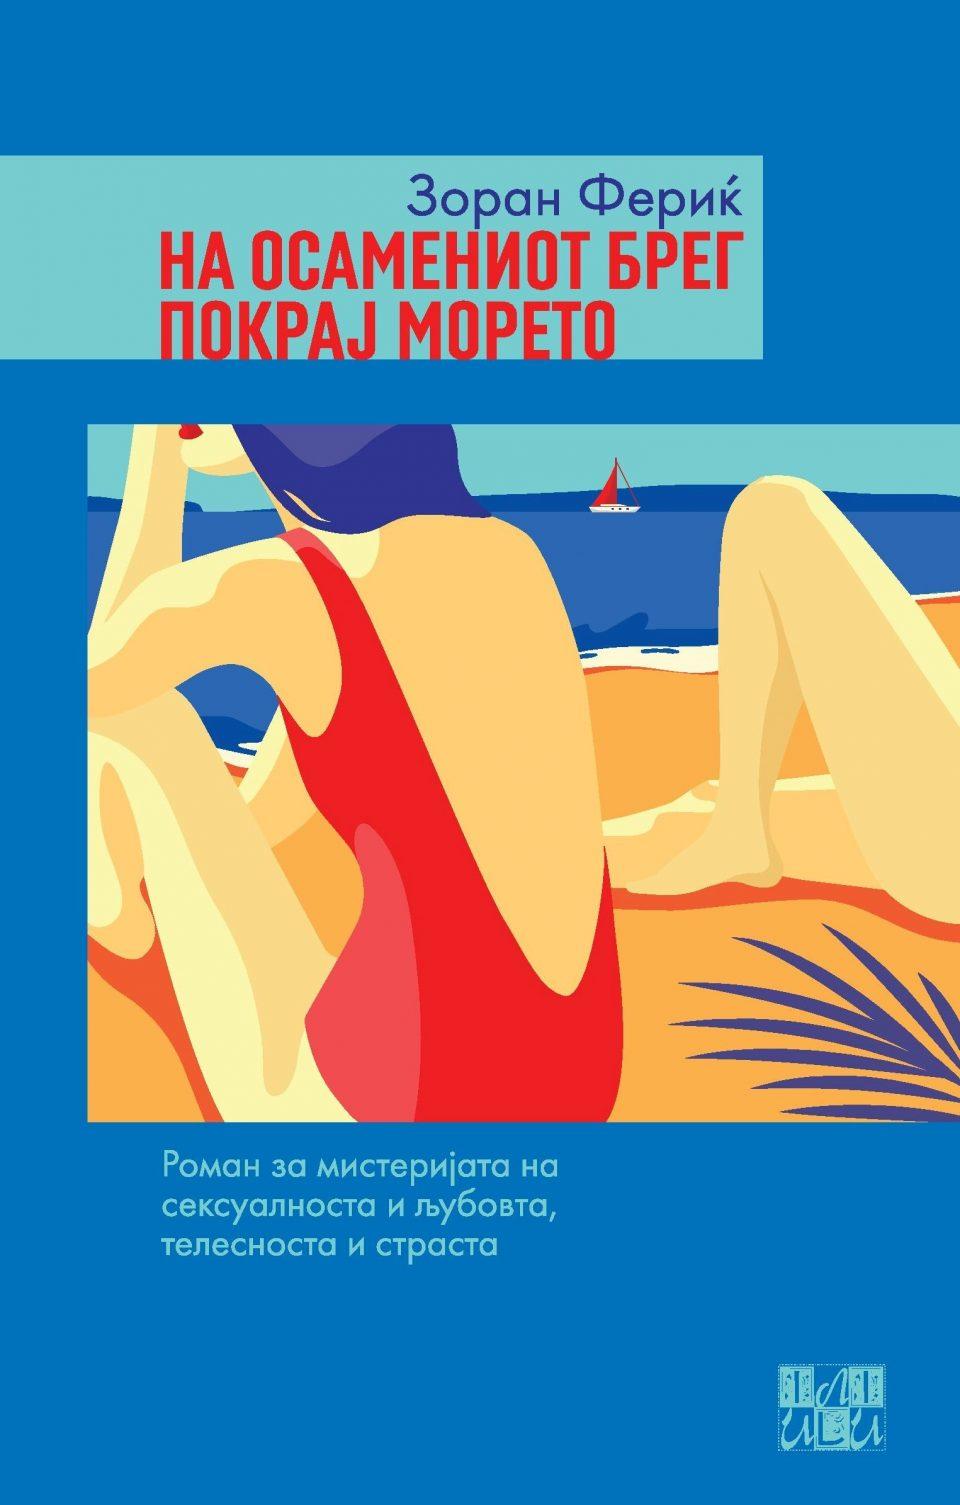 """""""Или-Или"""" го објави романот """"На осамениот брег покрај морето"""" на еден од најистакнатите современи хрватски писатели, Зоран Фериќ"""